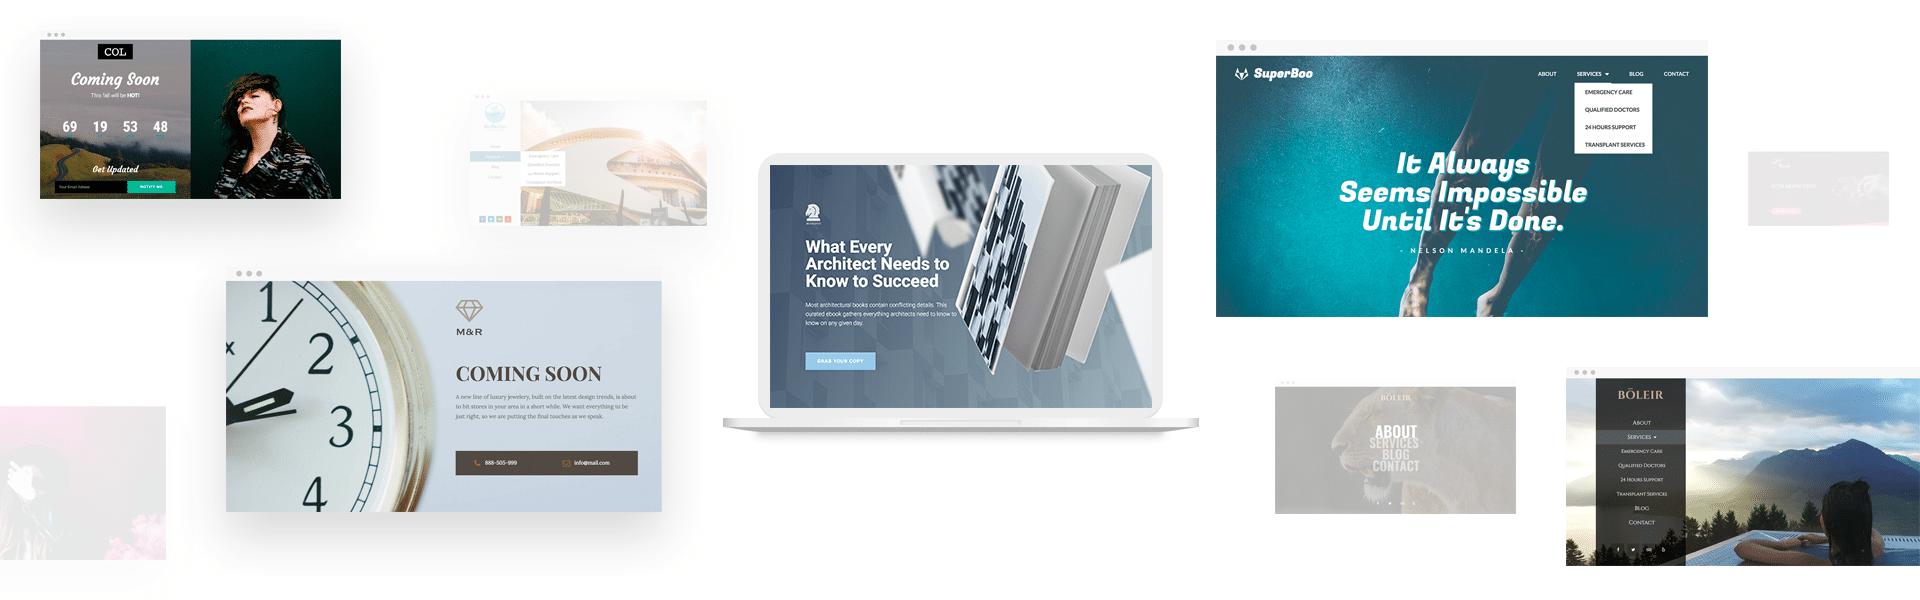 Website-design-mockup-image